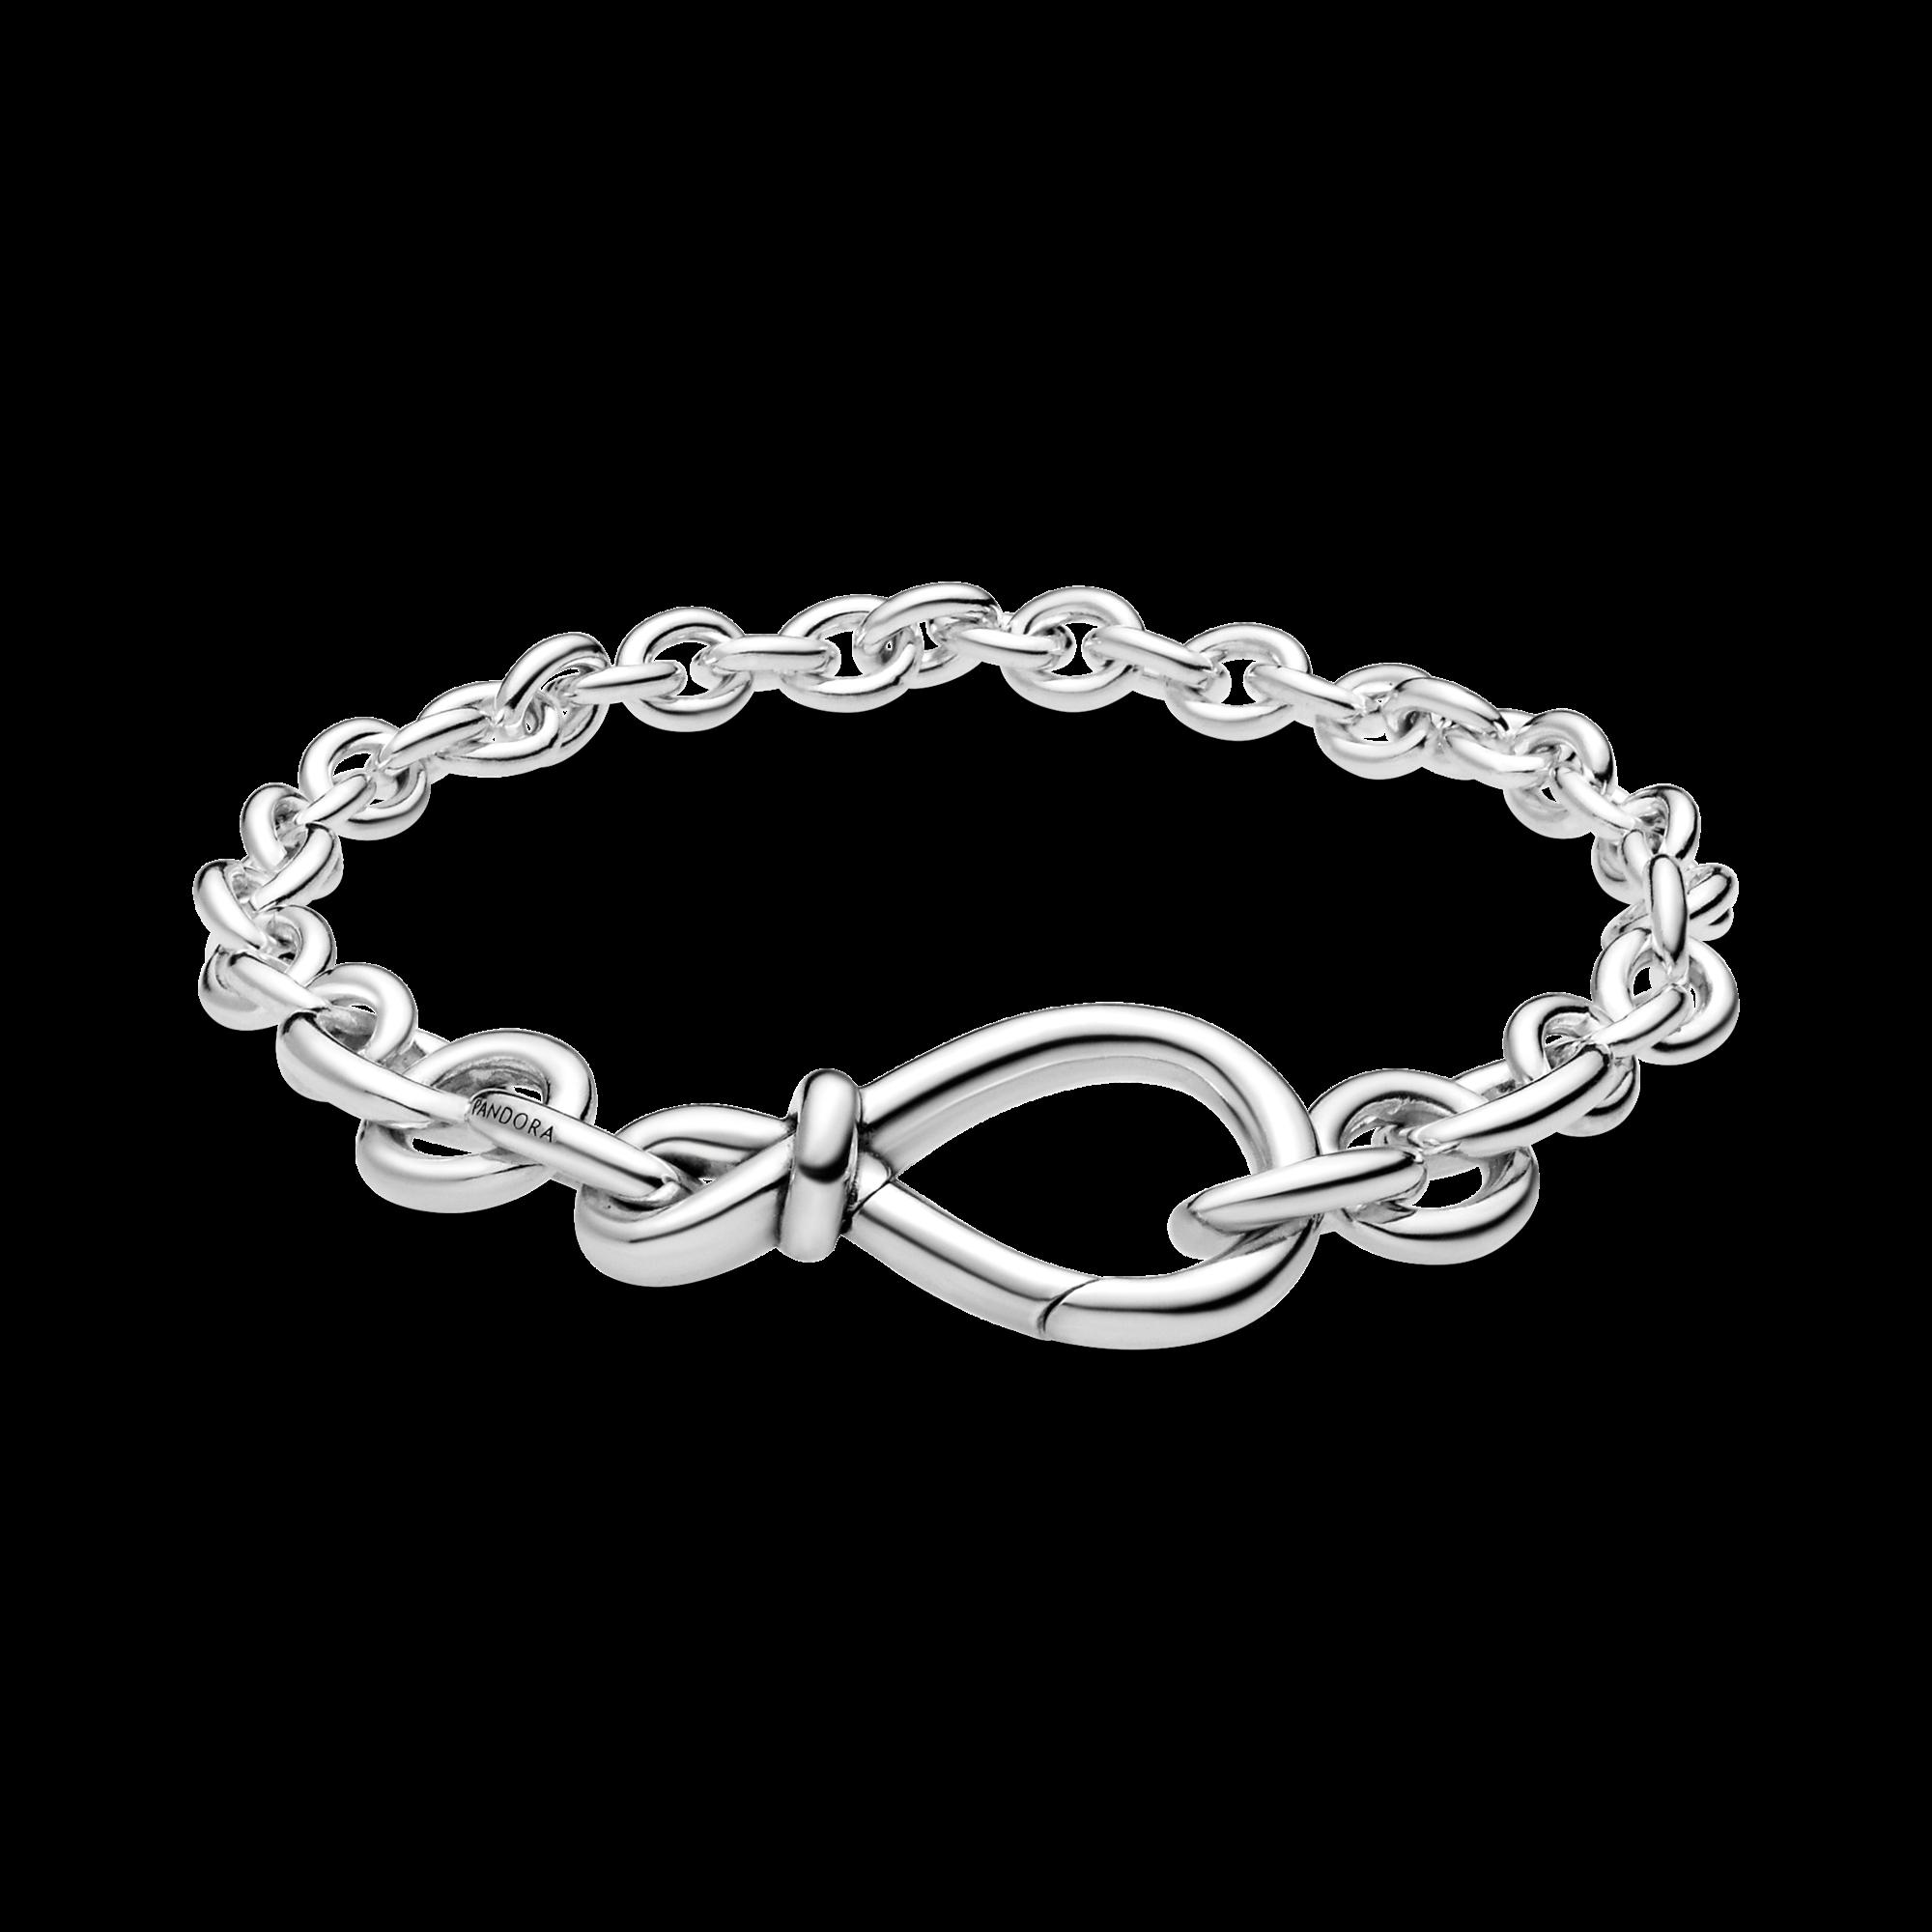 Chaîne bracelet avec un gros nœud infini